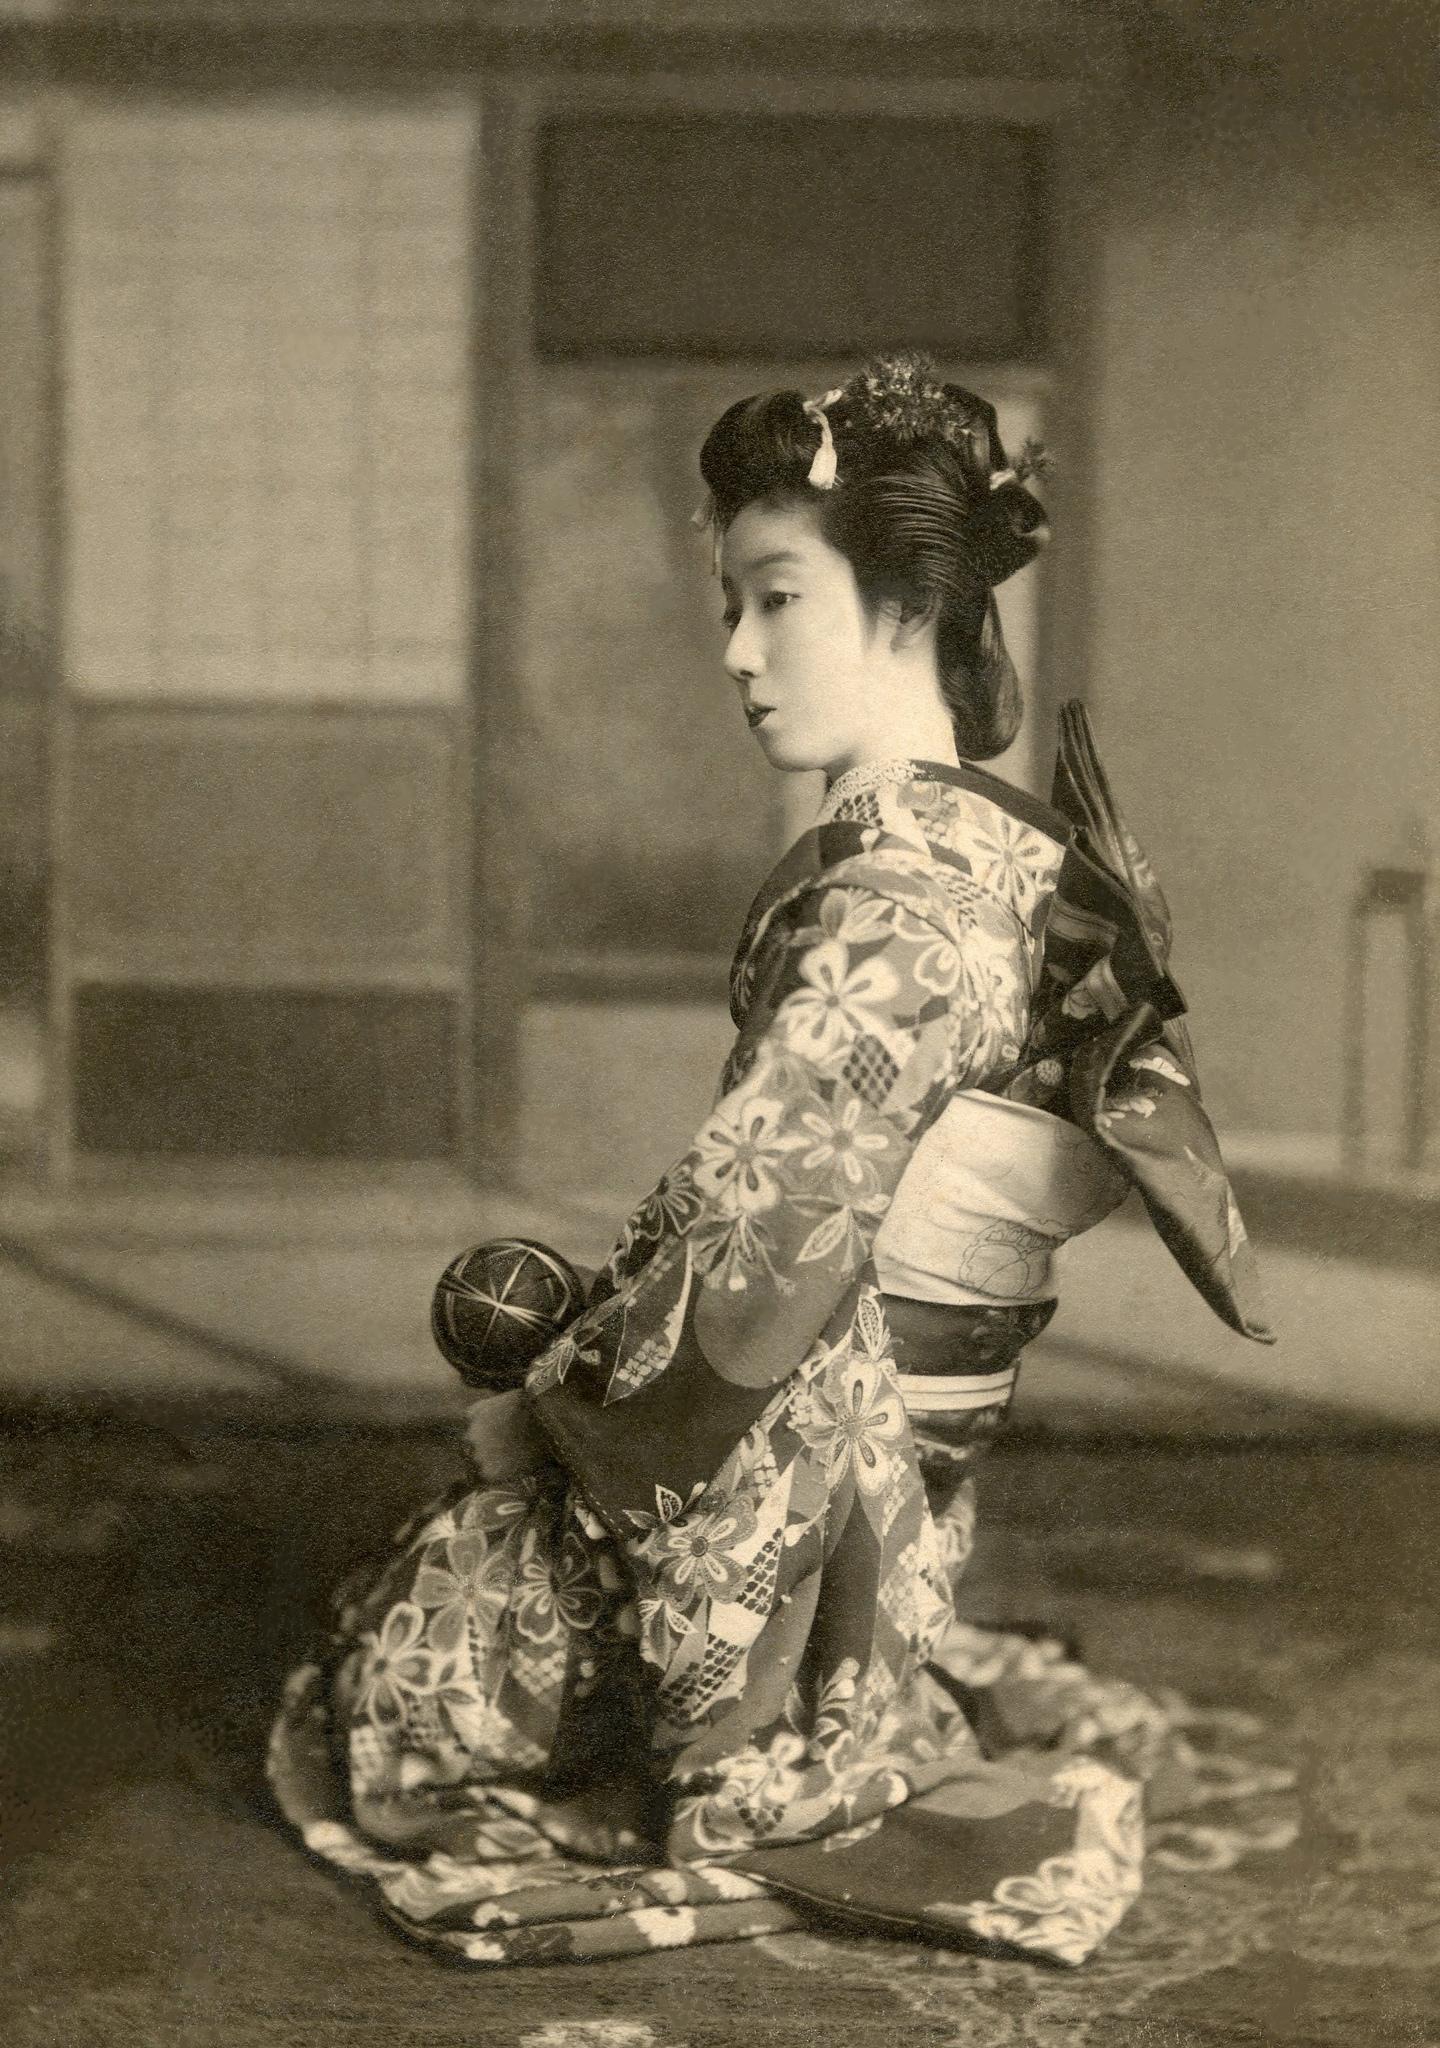 An Osaka Maiko with a Temari Ball 1910, photo courtesy of Blue Ruin/flickr.com